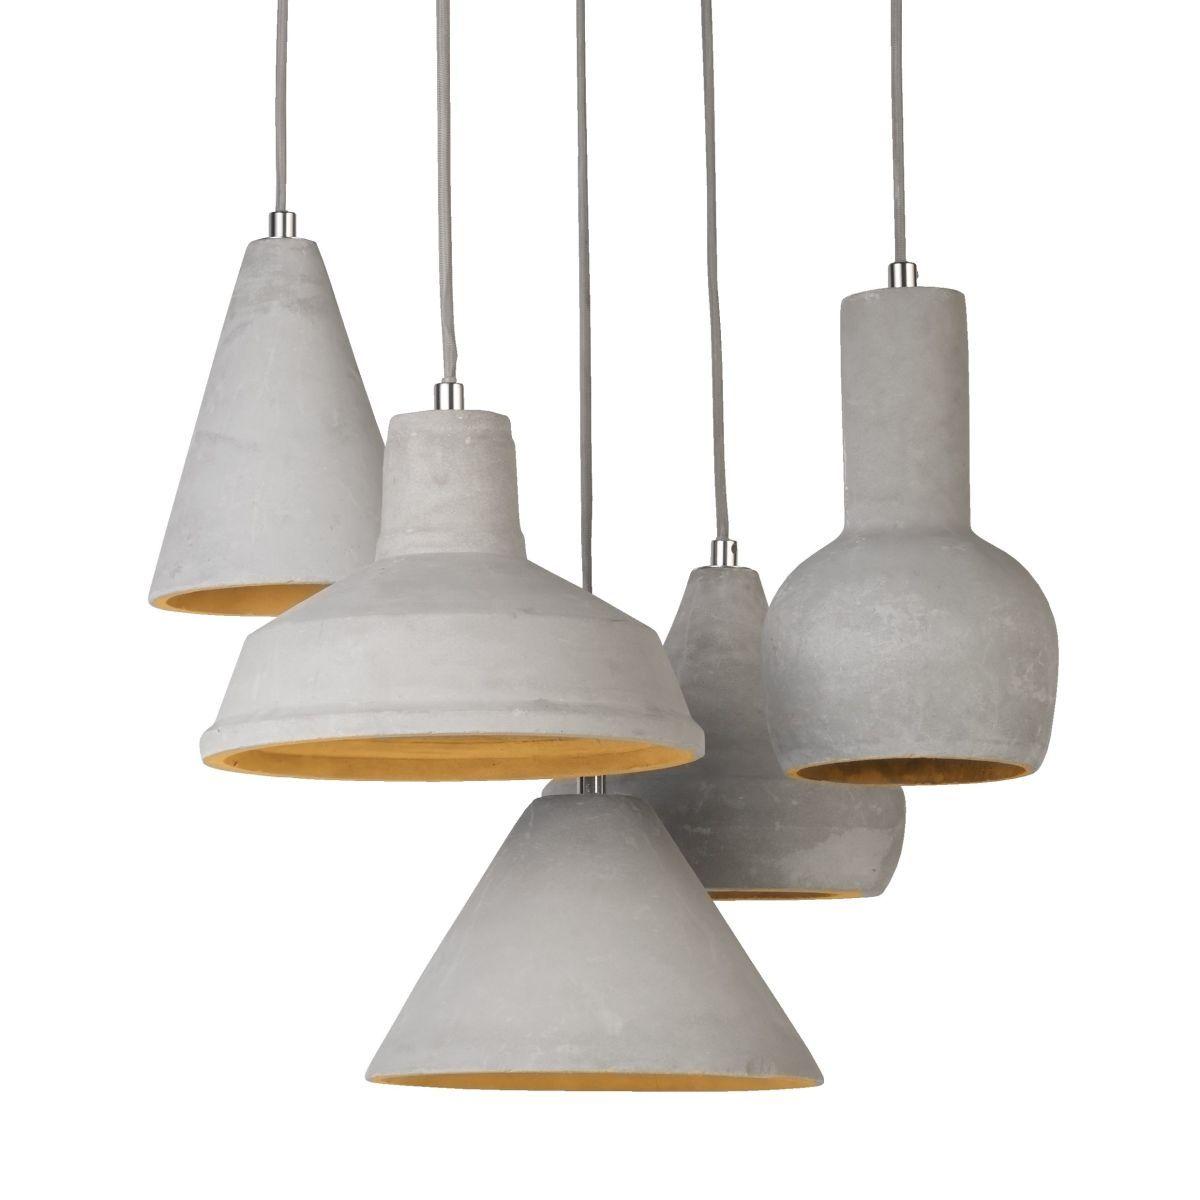 Deckenleuchte aus Beton, Betonlampe - versandkostenfrei bestellen auf http://moebeldeal.com/moebel/lampen-und-leuchten/5970/deckenleuchte-beton-betonleuchte?c=116